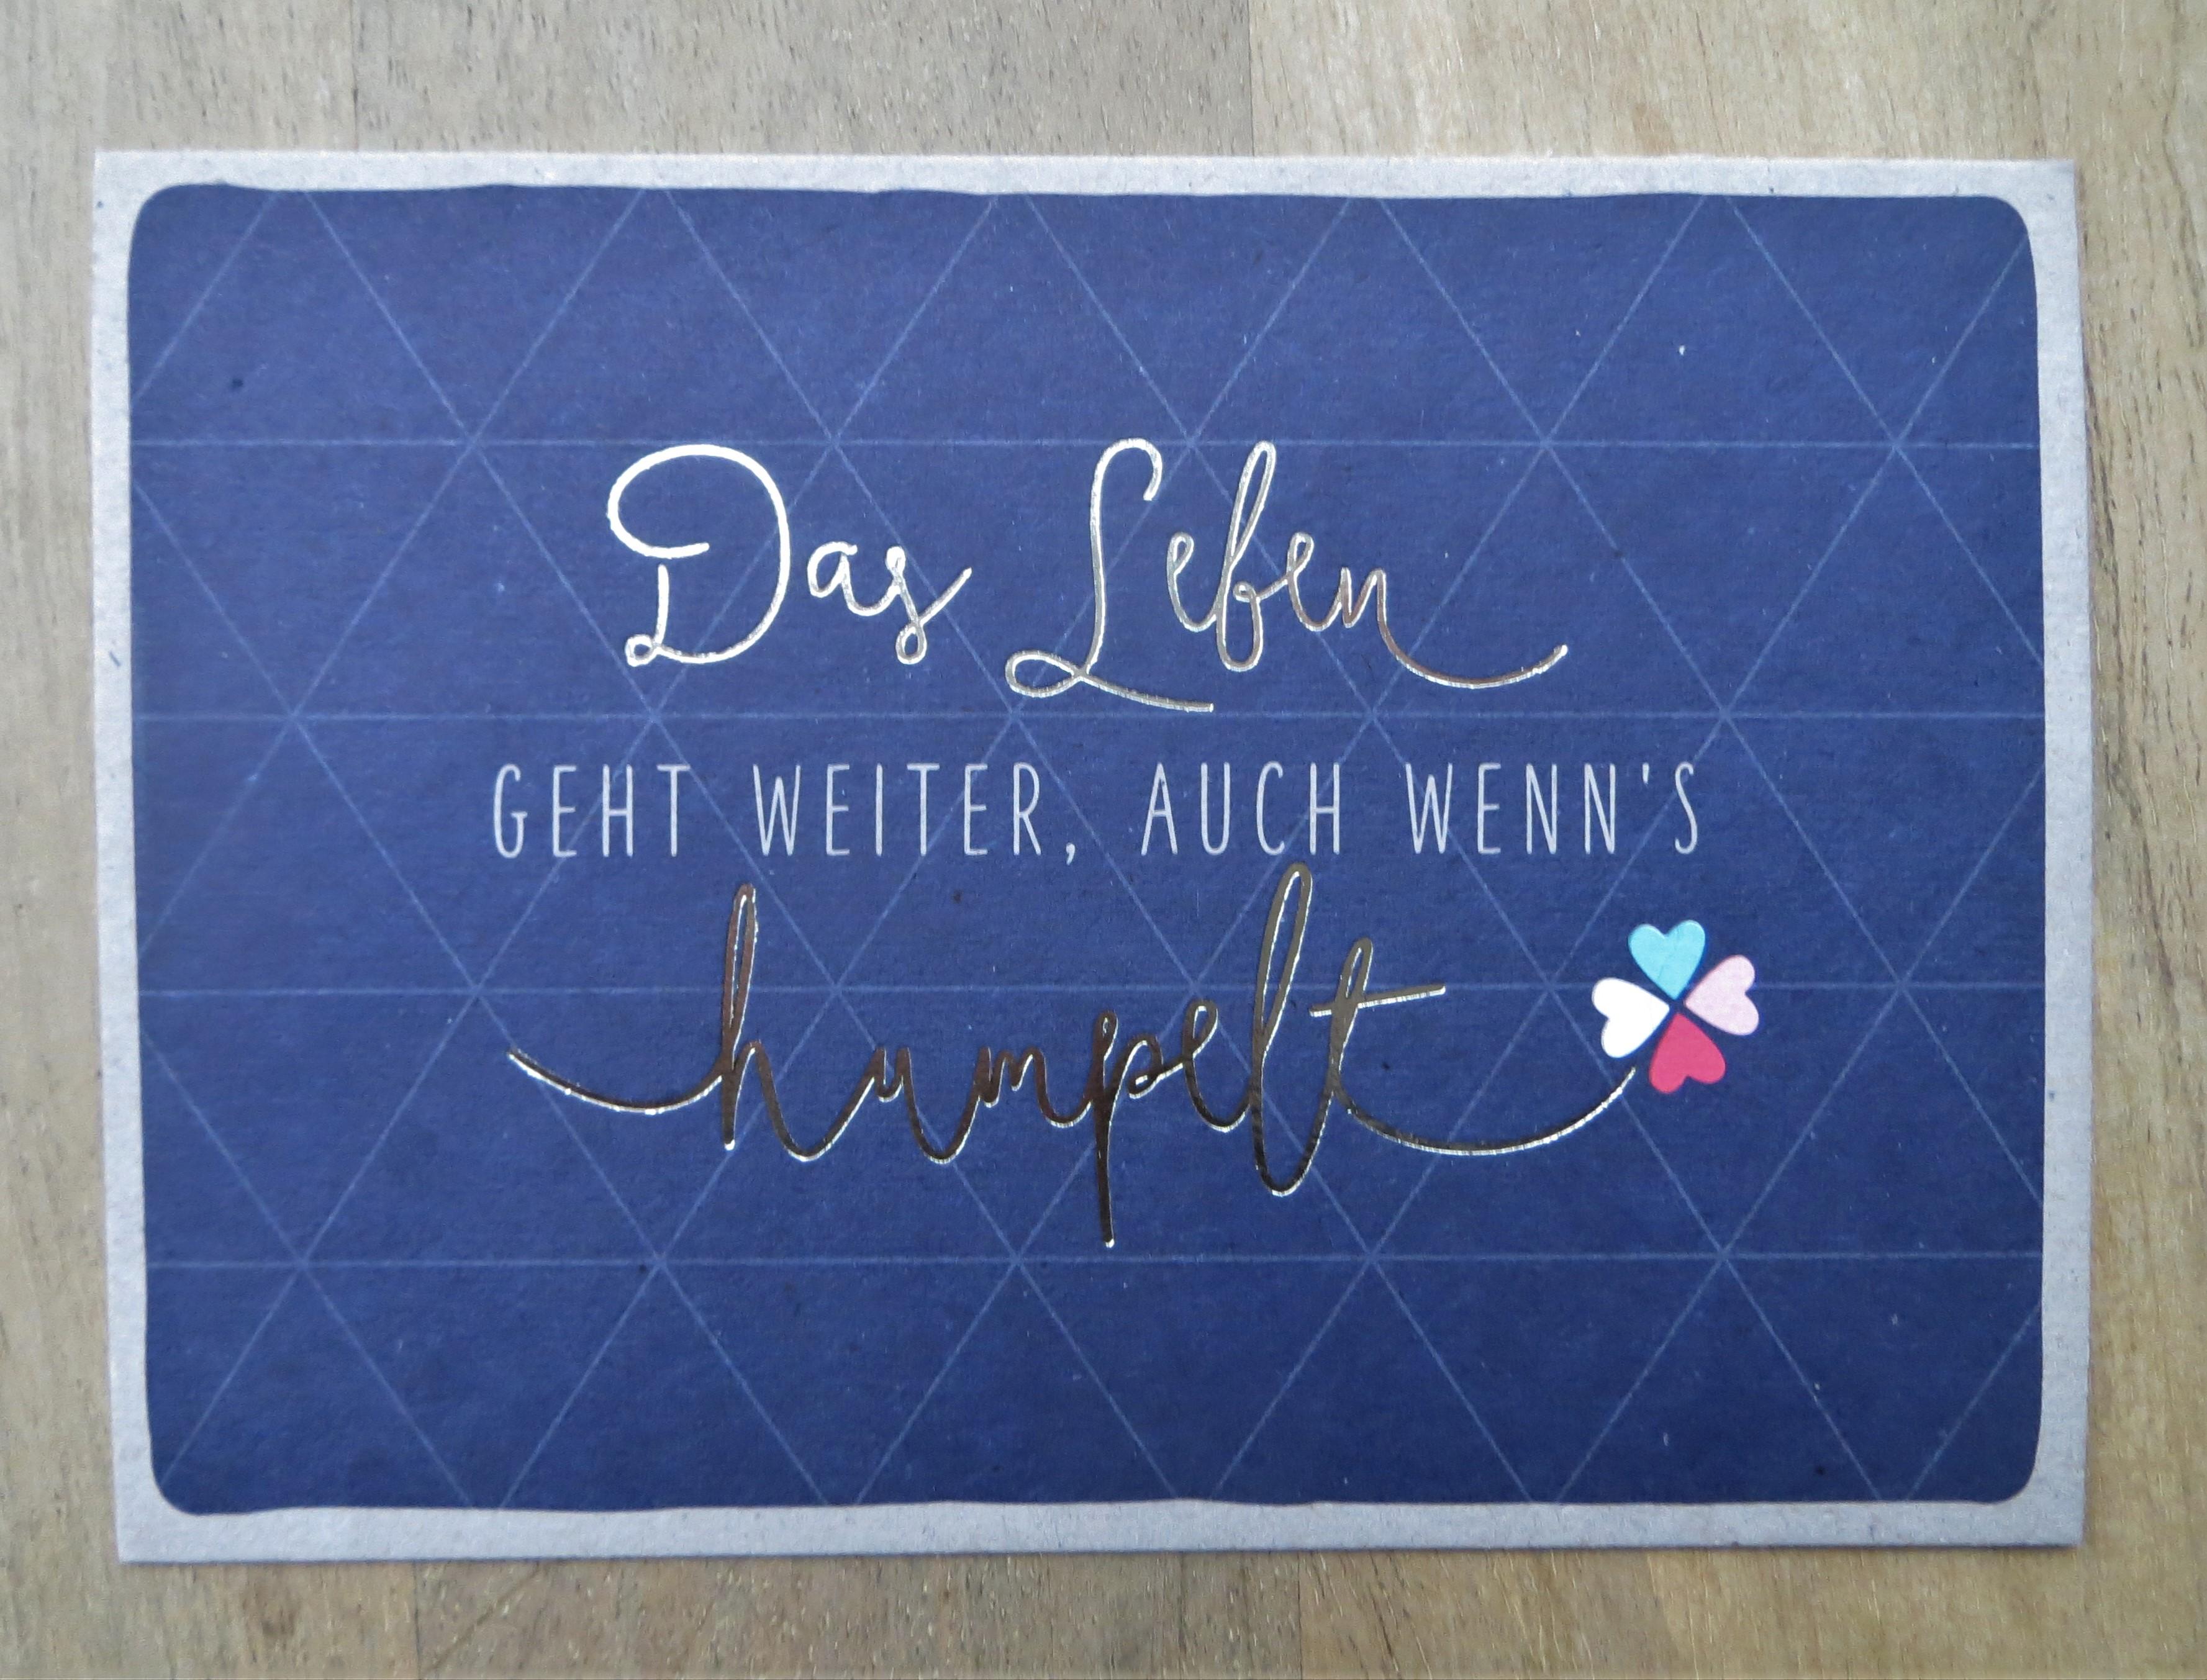 Nützlichgrusskarten - Postkarte Das Leben geht weiter auch wenns humpelt KUNST und BILD - Onlineshop Tante Emmer